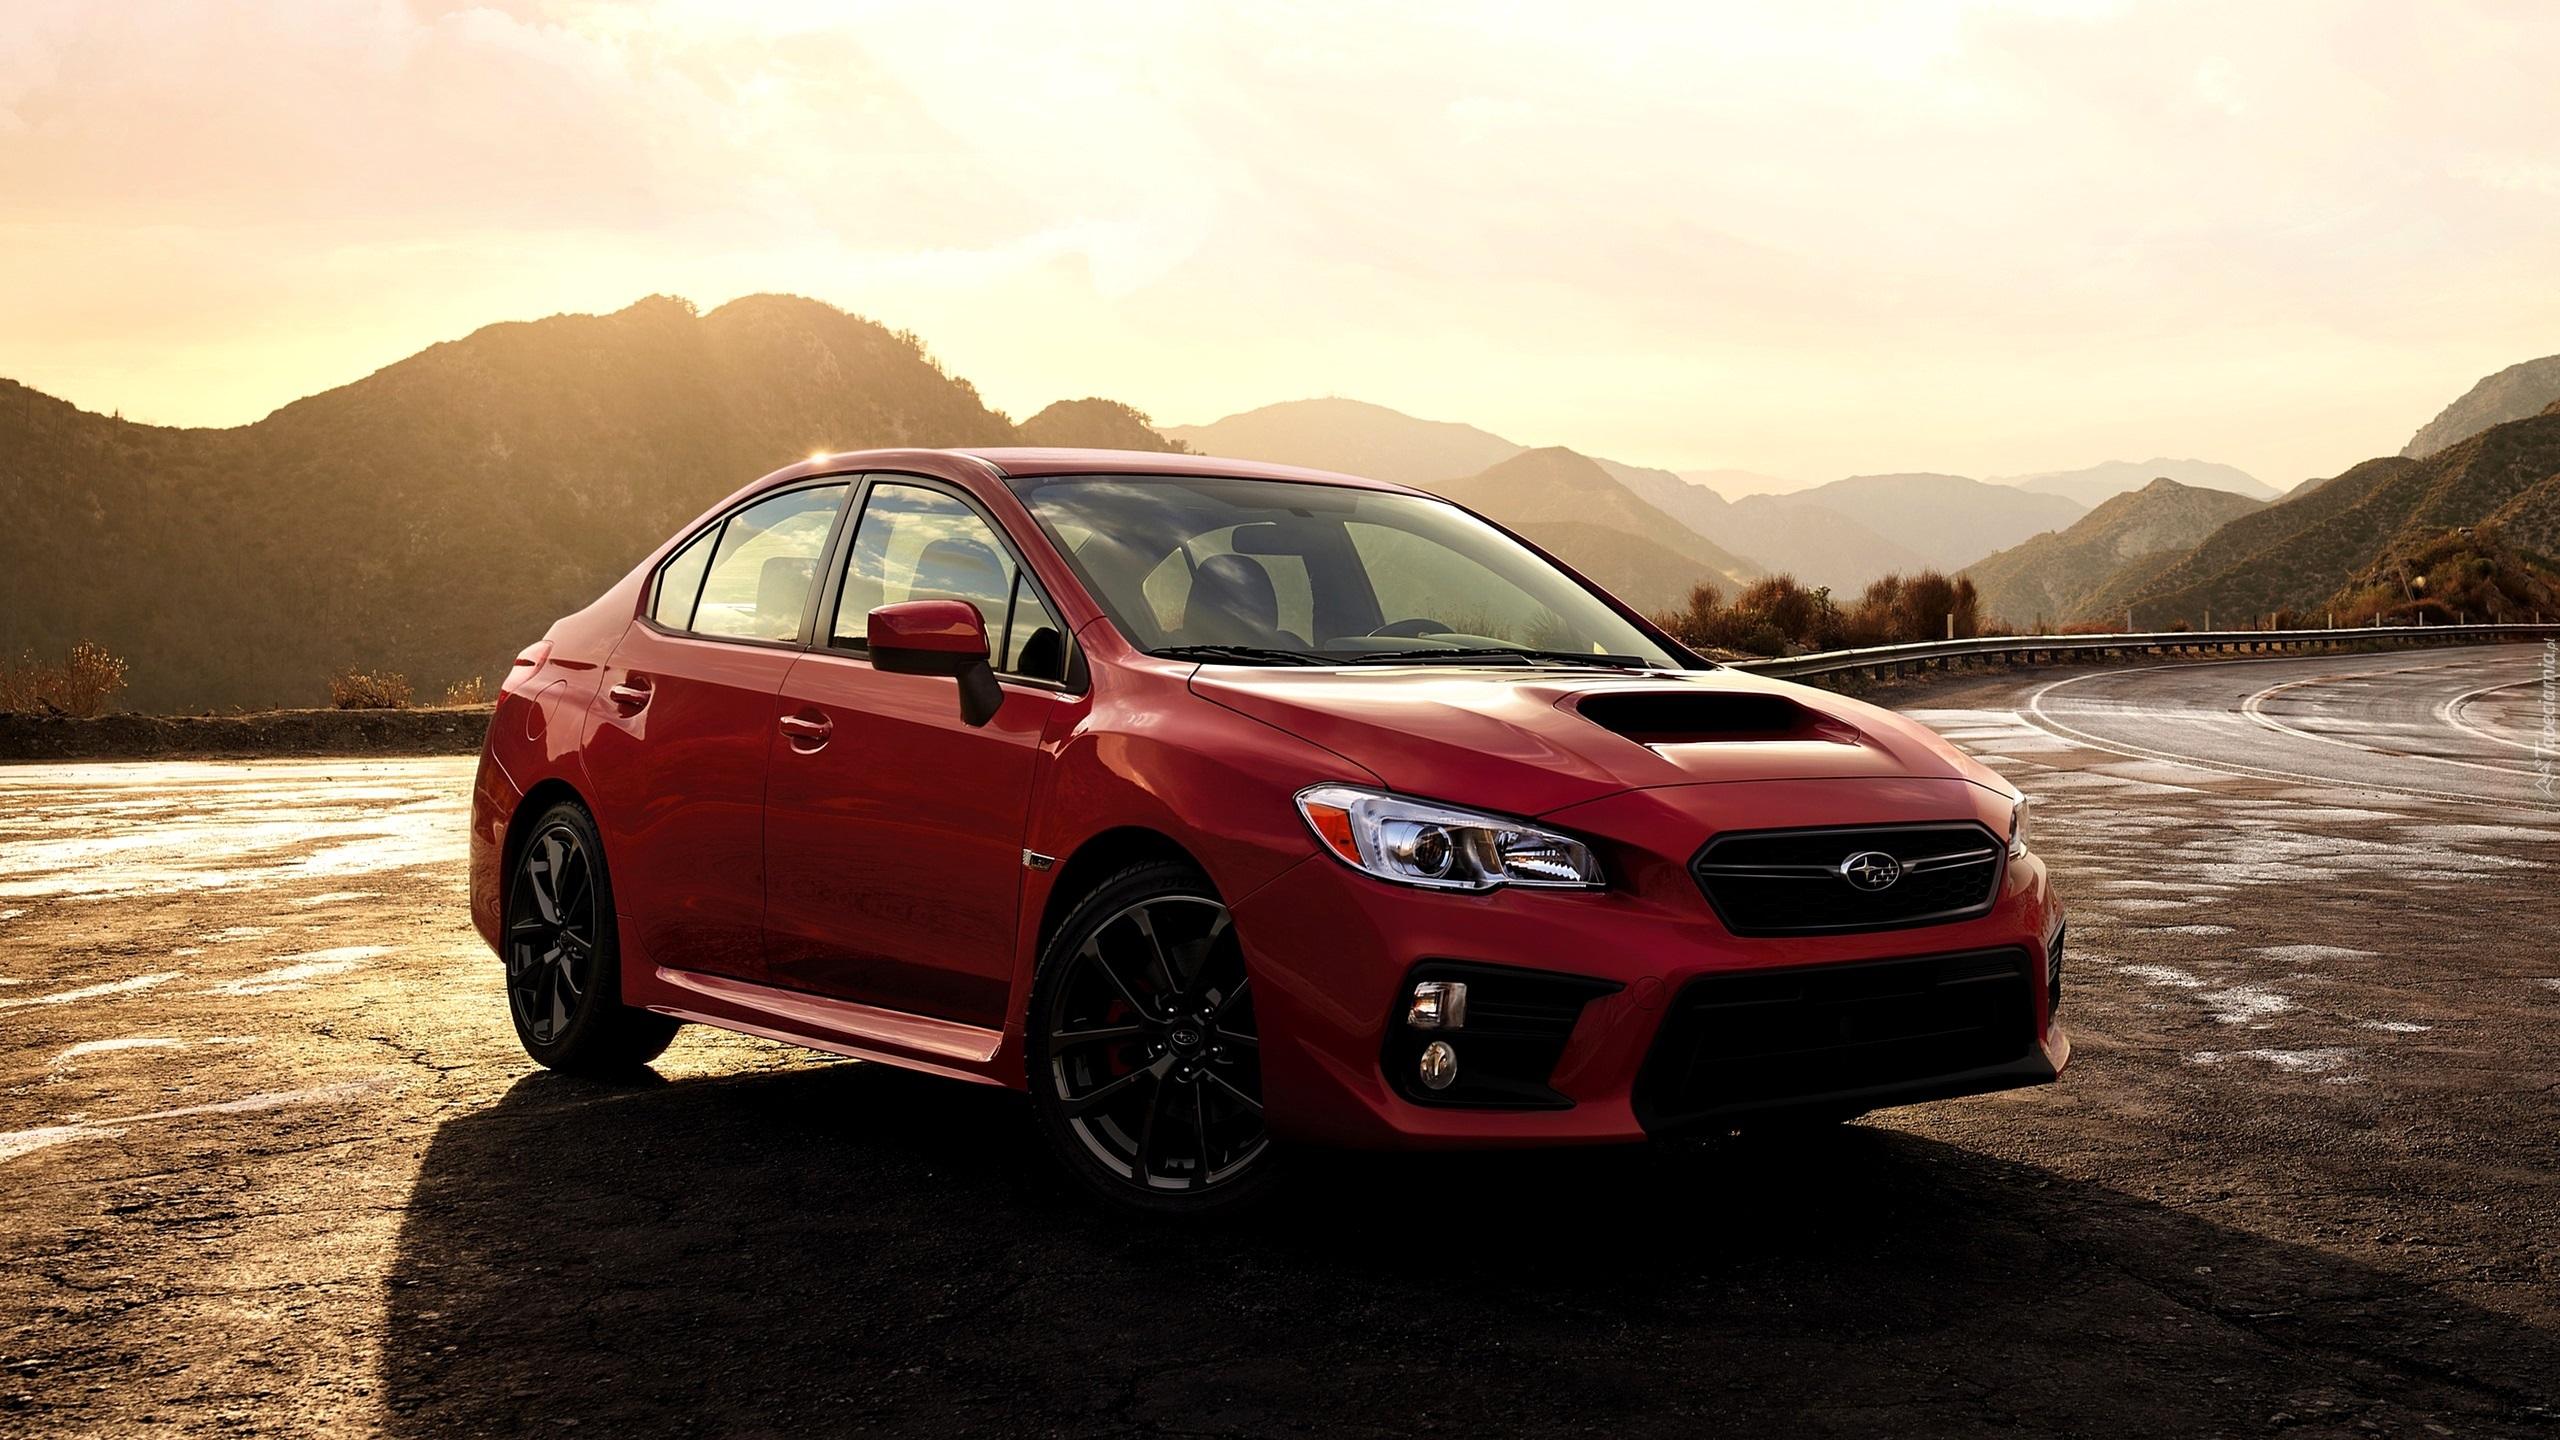 Wrx Cvt >> Czerwony samochód Subaru WRX STI na drodze w górach